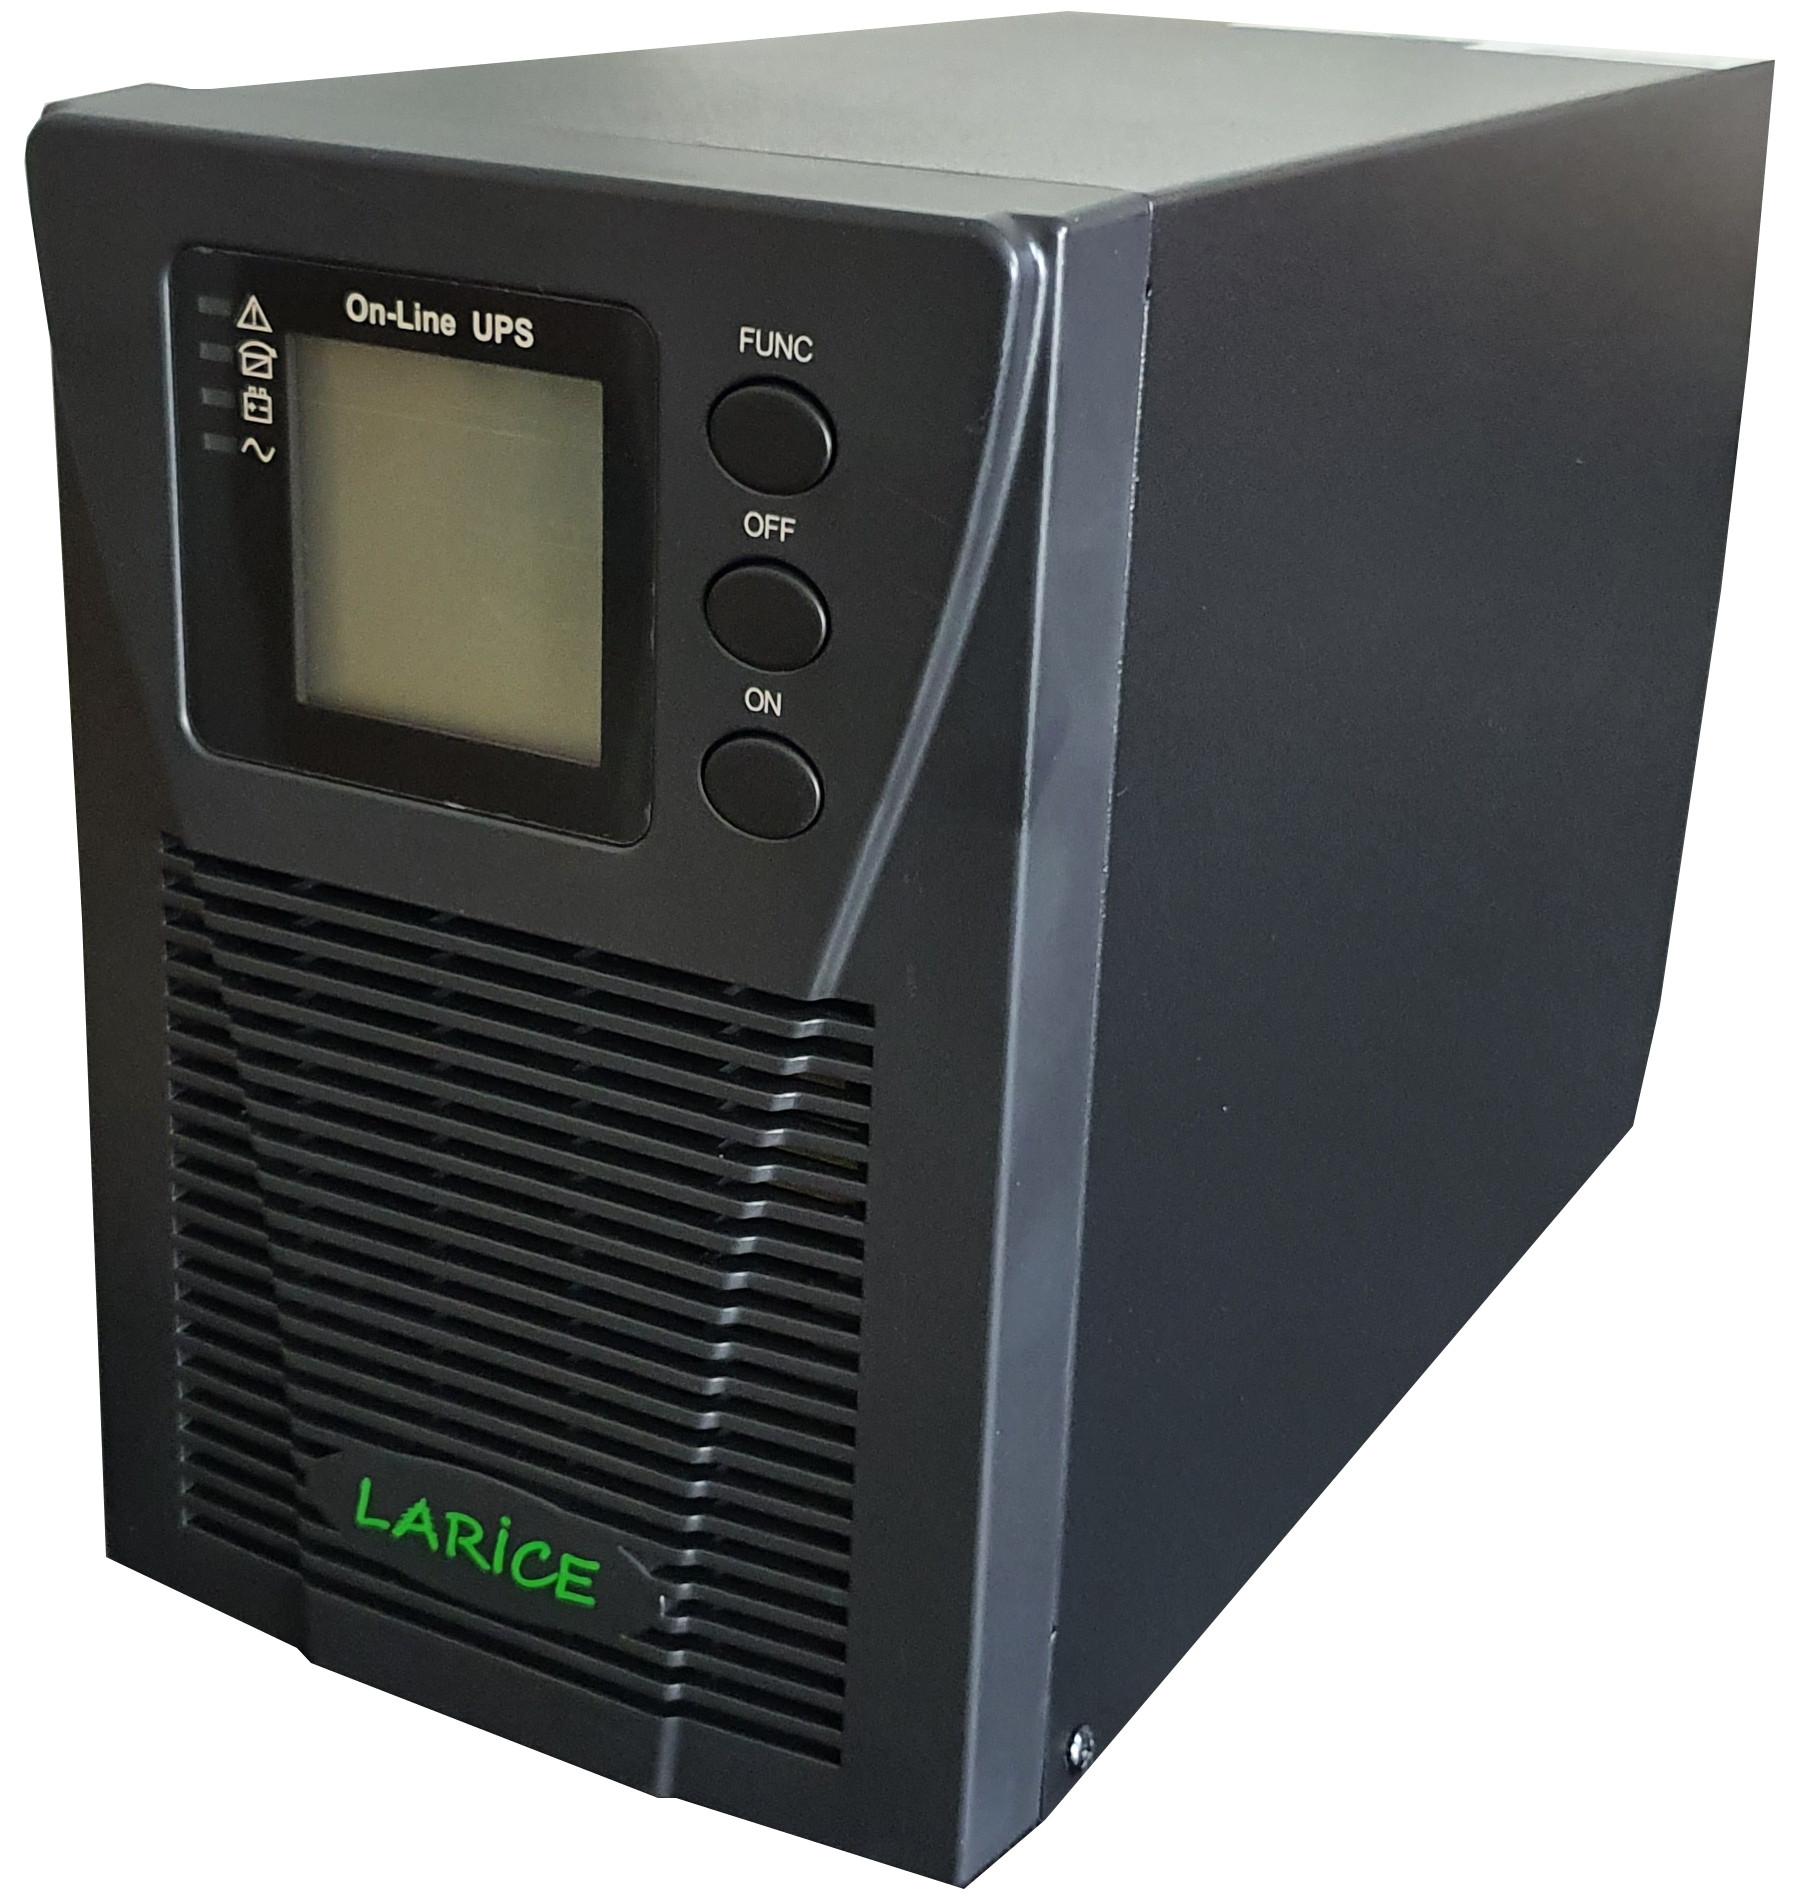 UPS LARICE Online Tower 1000VA/1000W, 2 x 9Ah   2 x Schuko | LARICE | UDC9101S One